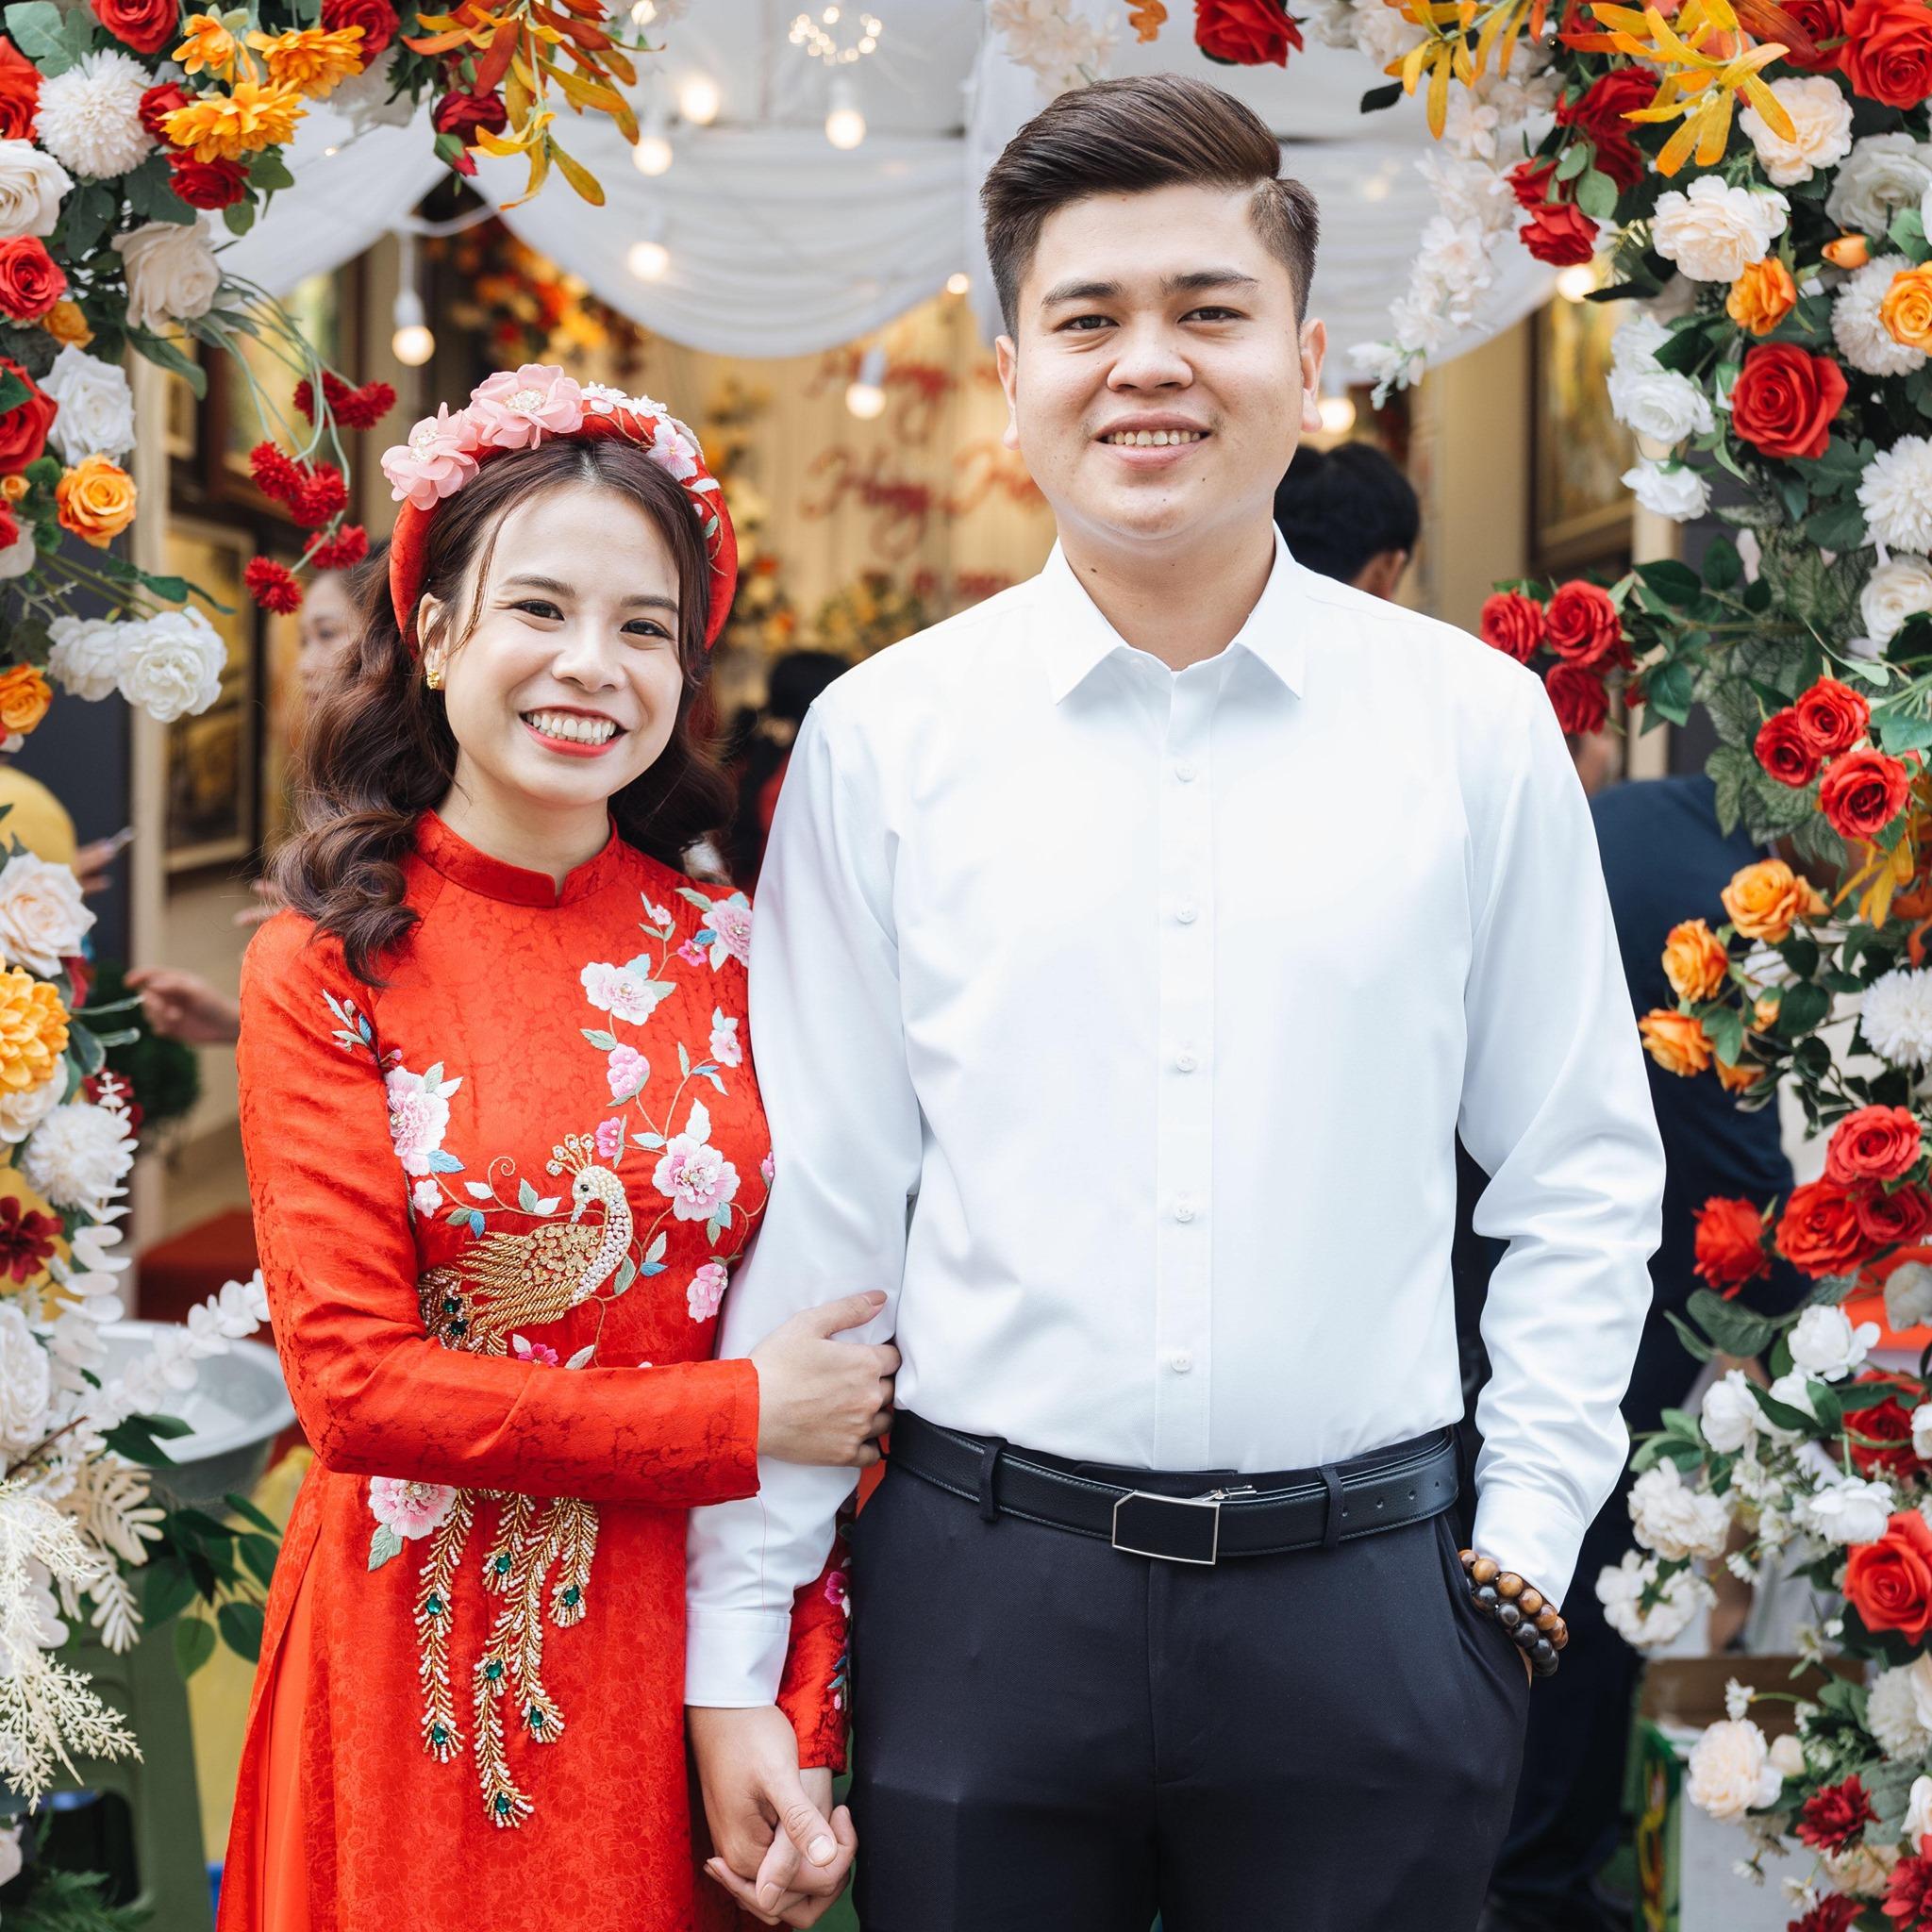 Phương Linh và Hoàng Hải trở thành vợ chồng sau khi gặp nhau tại khu cách ly.